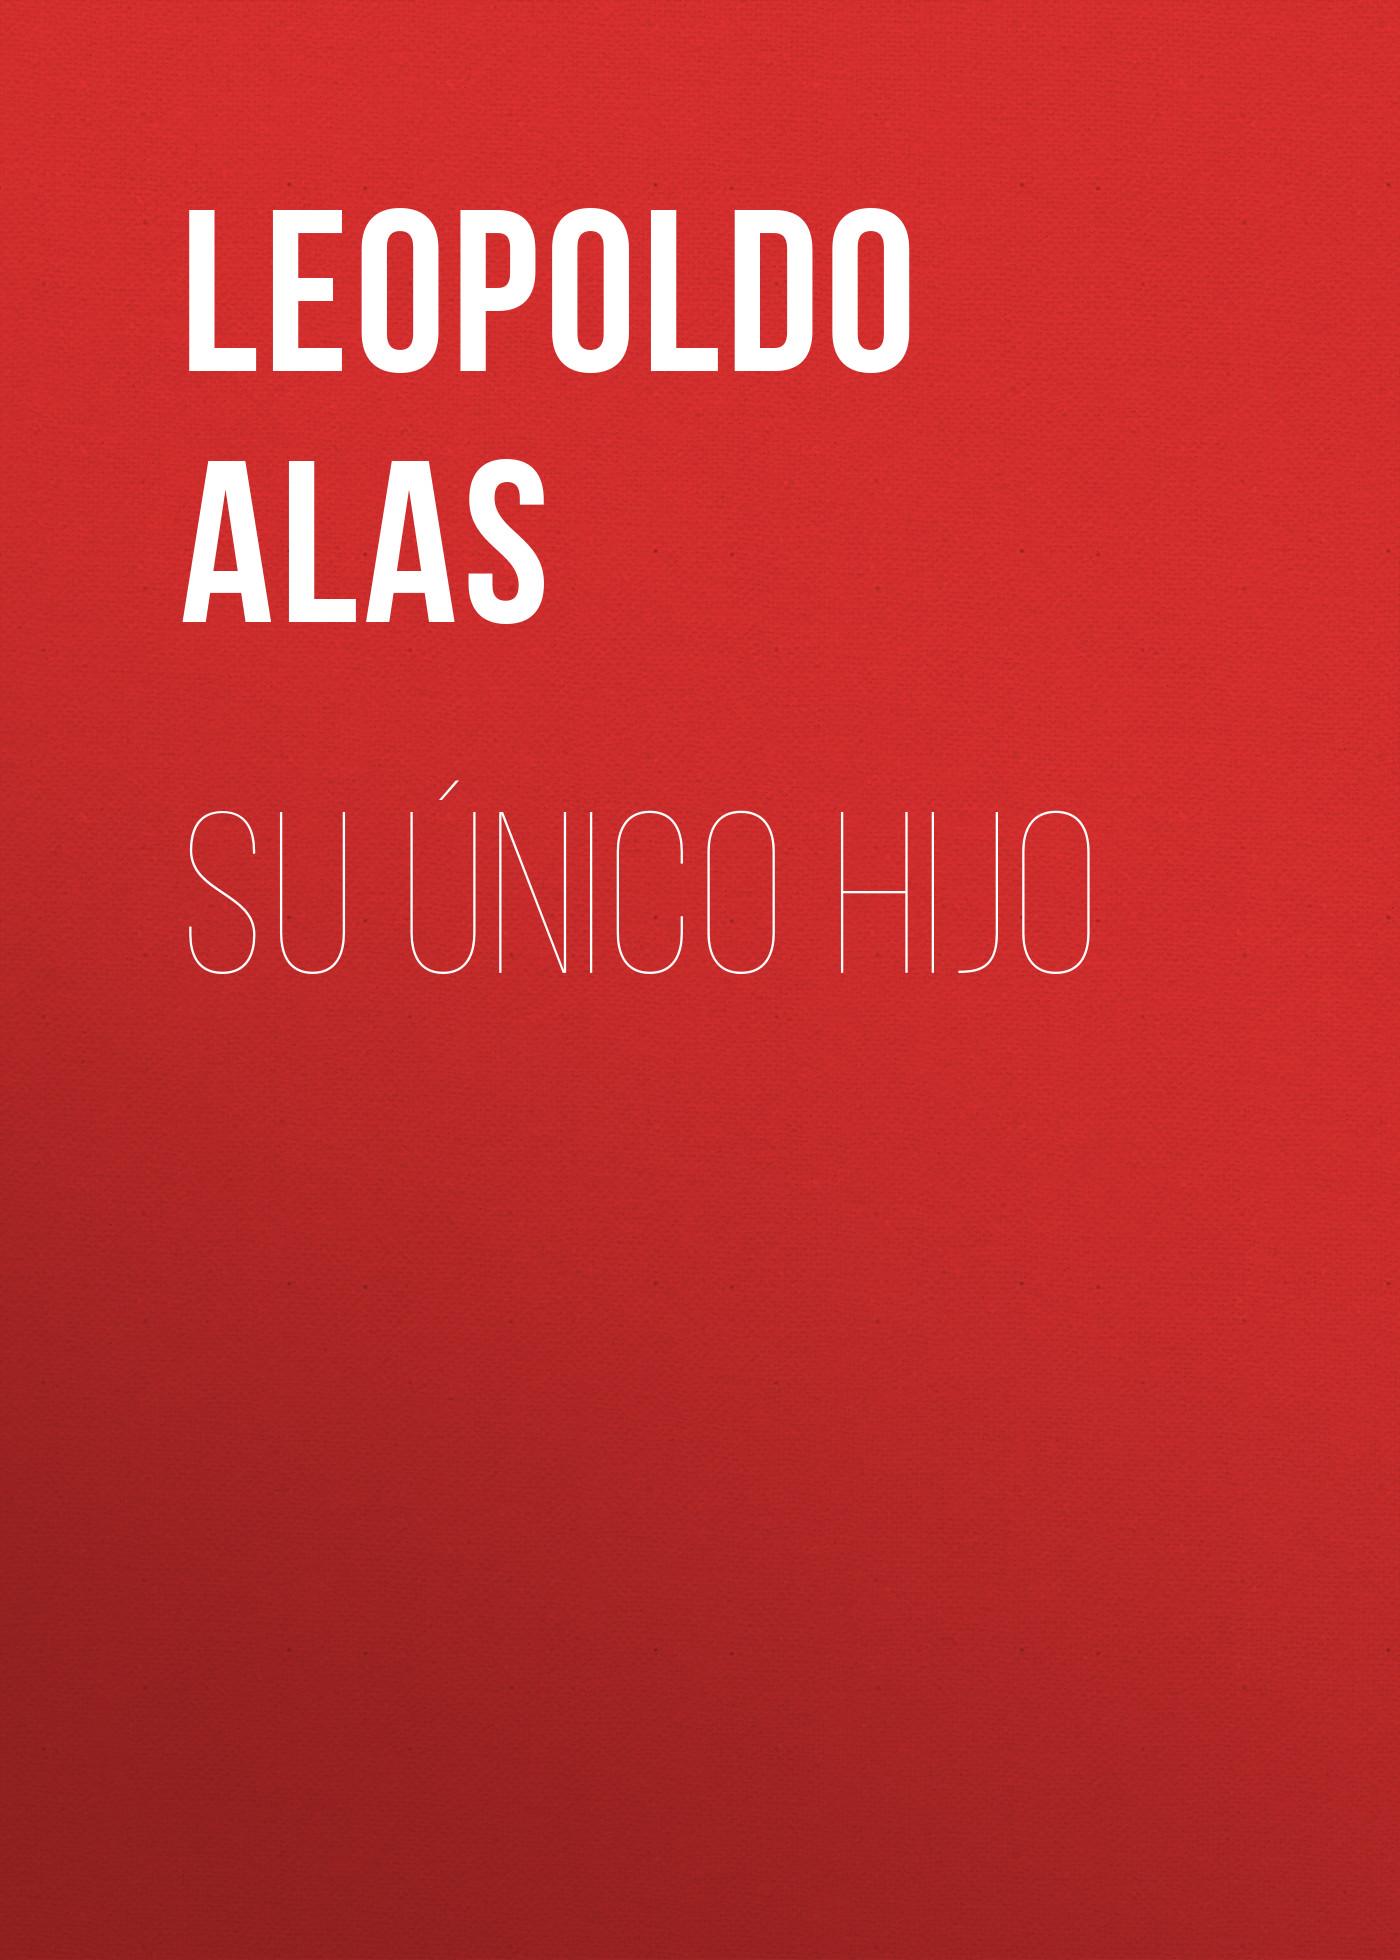 Leopoldo Alas Su único hijo at26df321 su